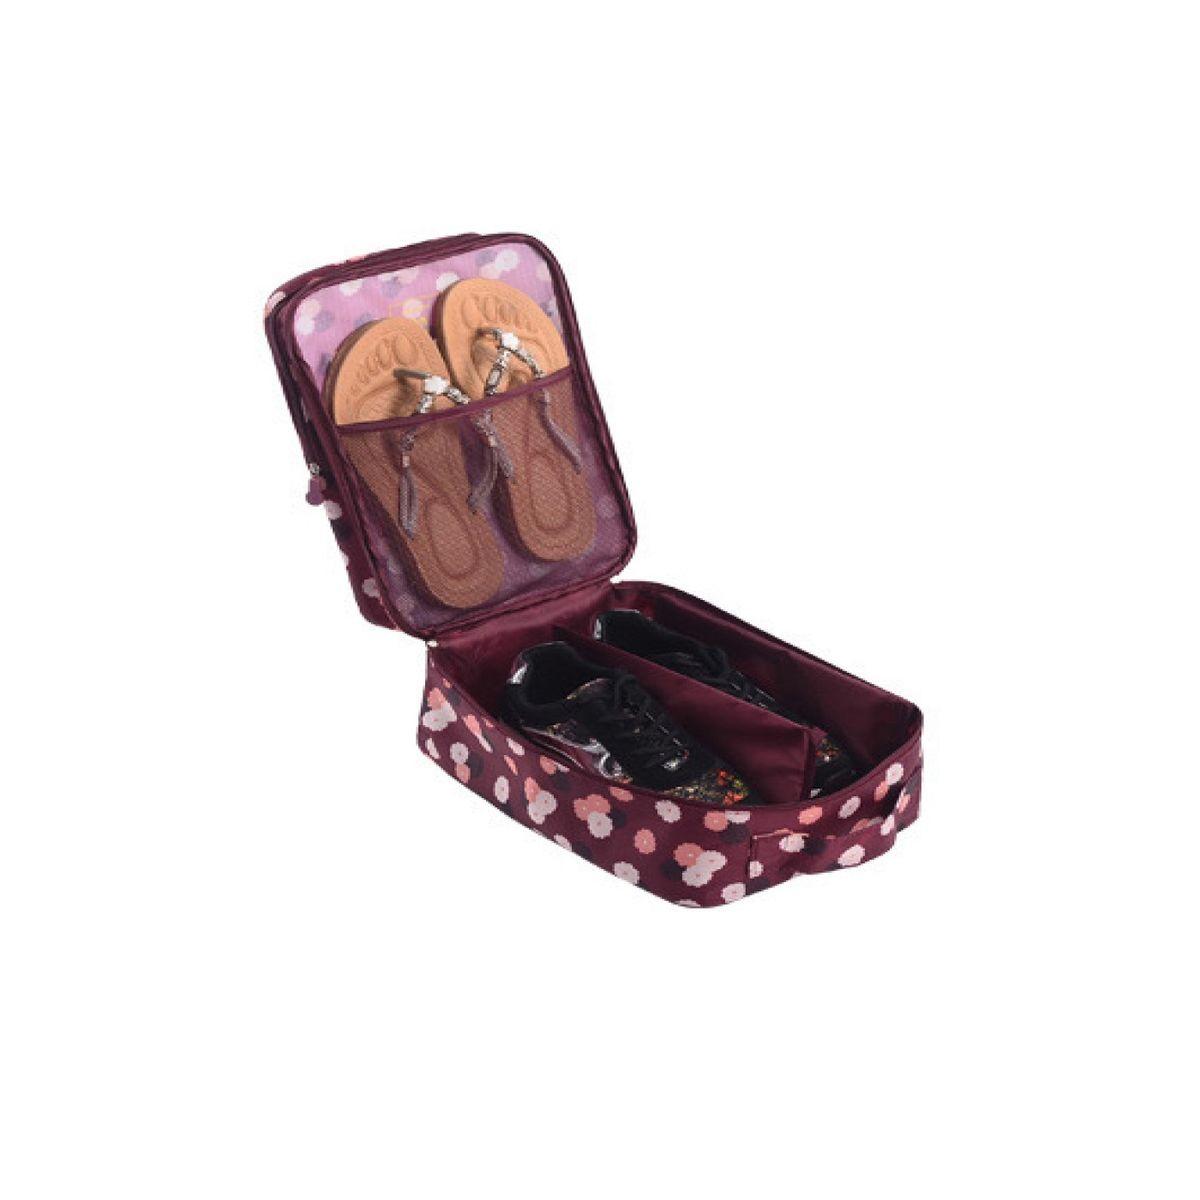 Органайзер для обуви Homsu Цветок, цвет: бордовый, белый, розовый, 32 x 20 x 13 смHOM-411Органайзер для обуви Homsu Цветок изготовлен из 100% полиэстера. Экономичная замена пластиковым пакетам и громоздким коробкам. Органайзер закрывается на молнию. Имеется ручка для удобной переноски. Внутри органайзер разделен на 2 отделения для обуви с дополнительным сетчатым кармашком.Очень компактный и очень удобный, такой органайзер поможет вам хранить обувь в чистоте и порядке.Размер: 32 х 20 х 13 см.